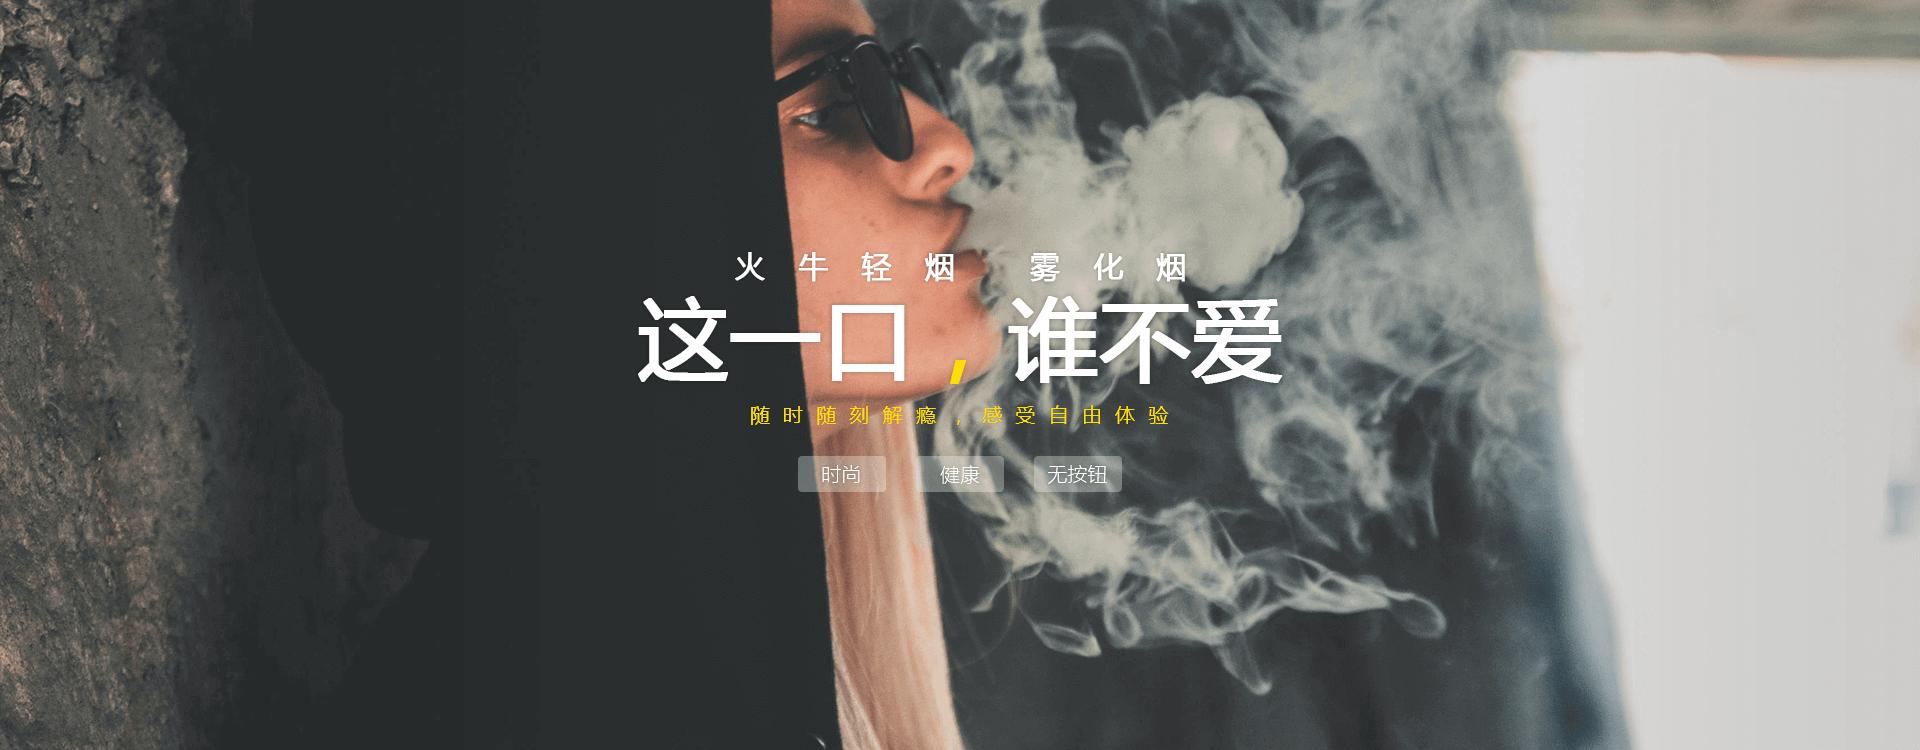 重庆电子烟品牌